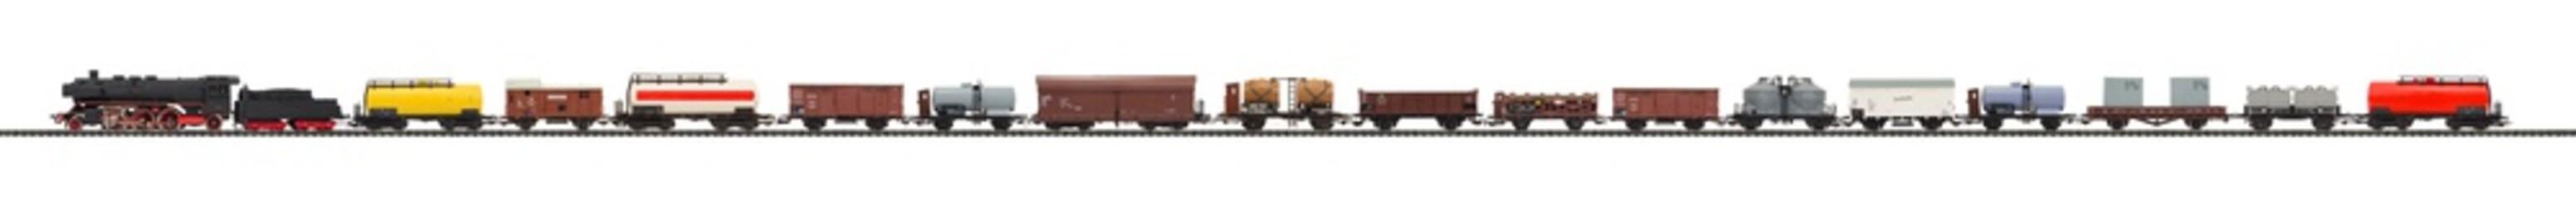 modelleisenbahn, eisenbahn zug güterzug